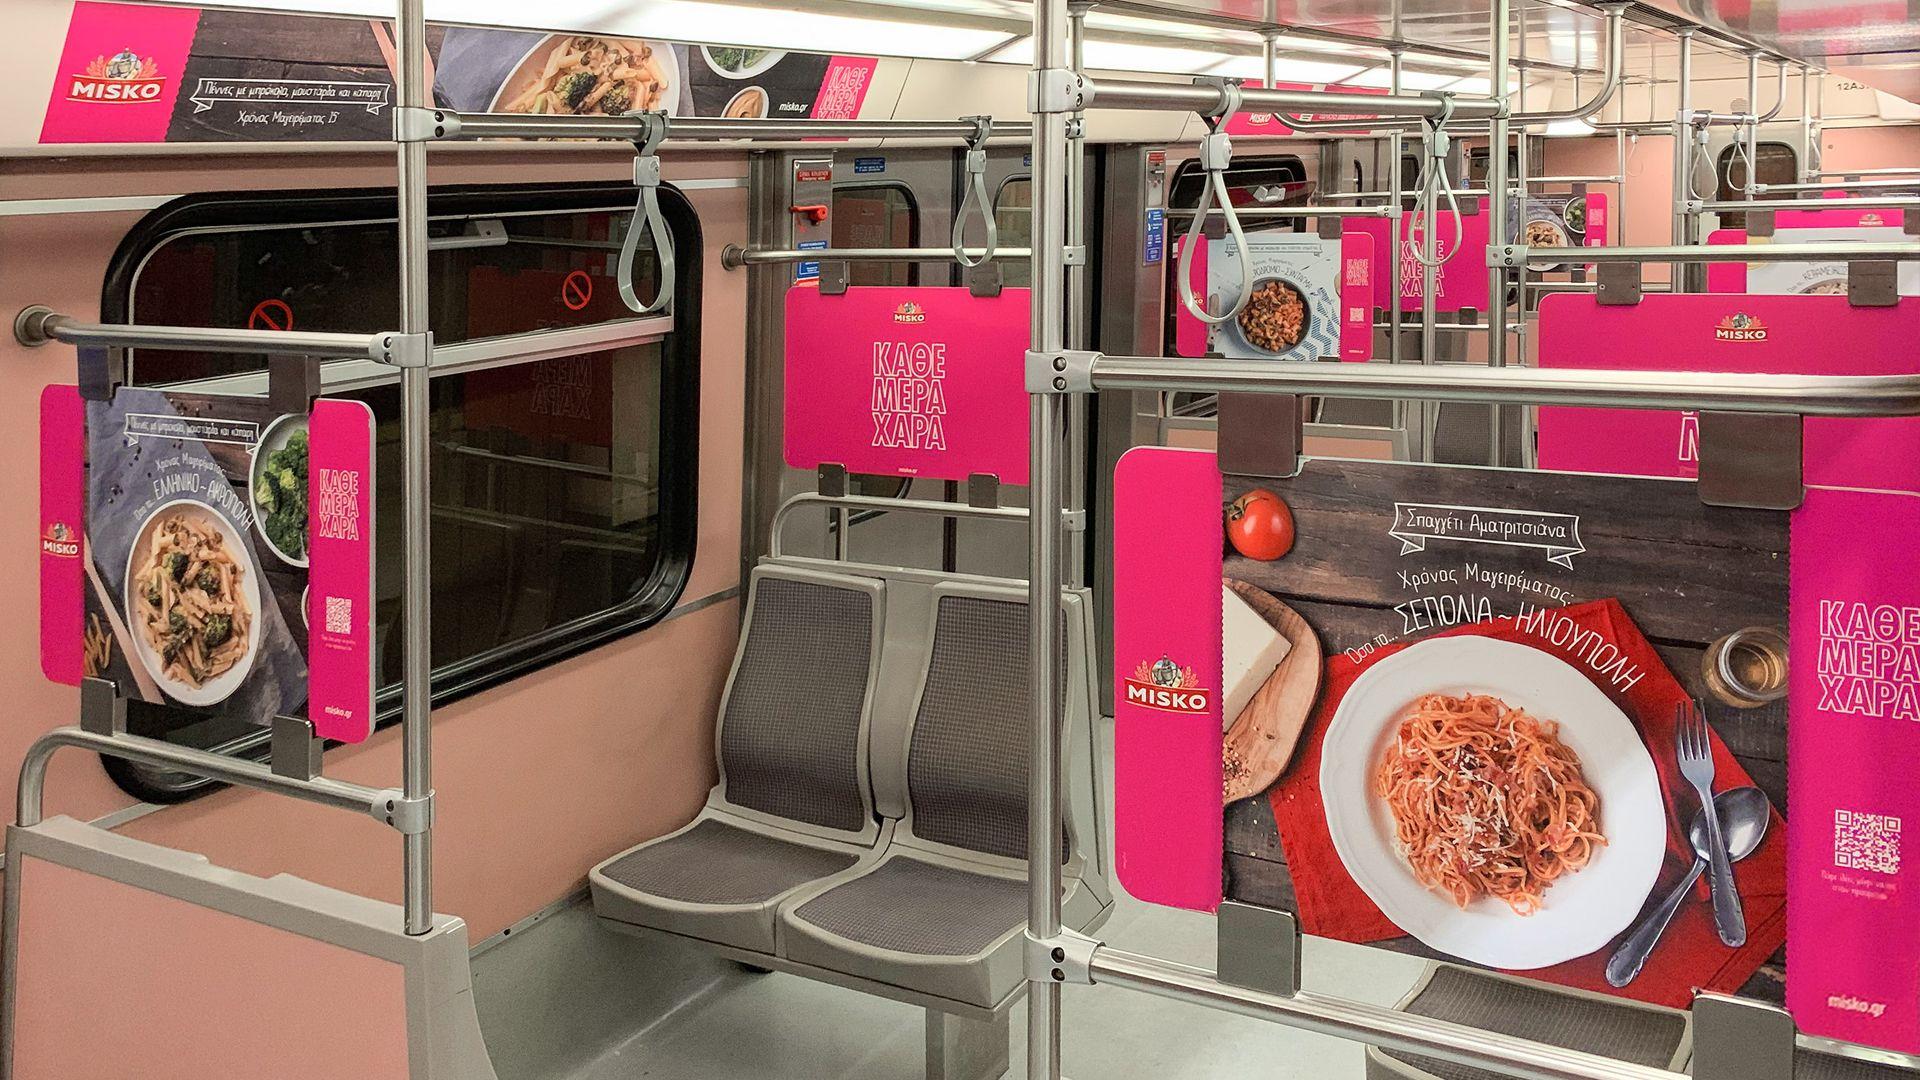 04-print-outdoor-metro-misko.jpg